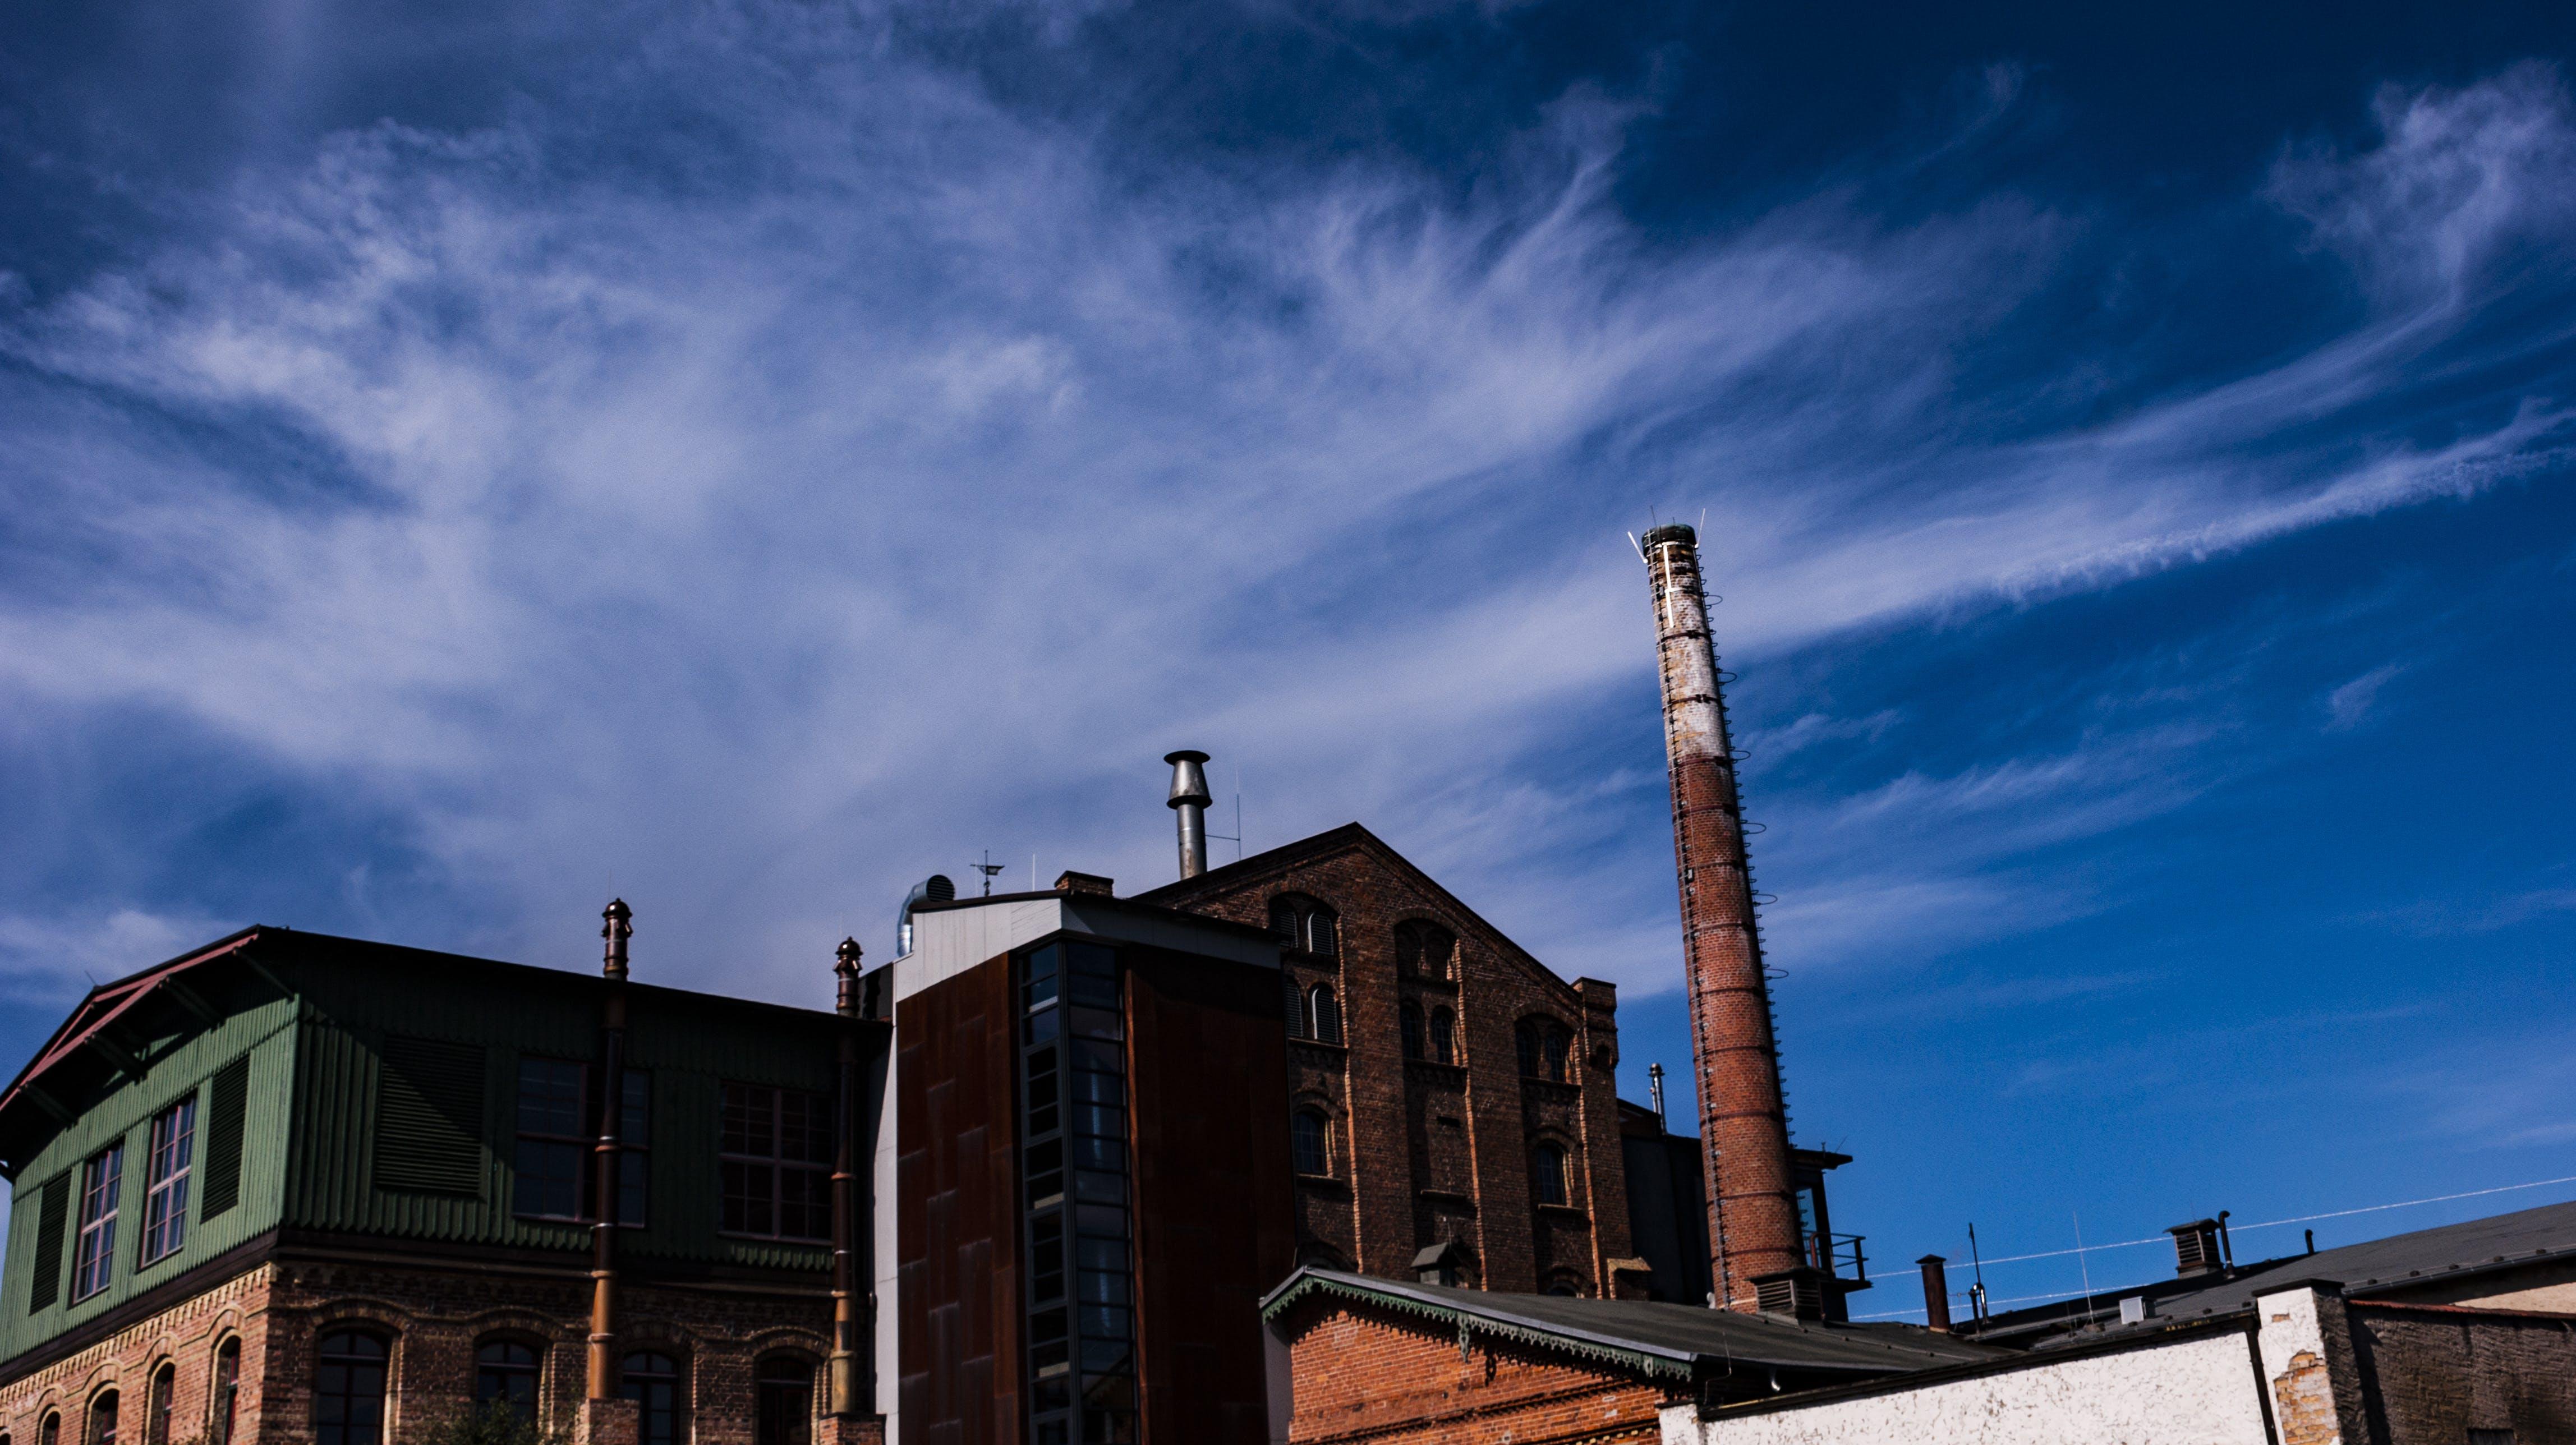 Δωρεάν στοκ φωτογραφιών με γαλάζιος ουρανός, εργοστάσιο, καμινάδες, παλιό εργοστάσιο